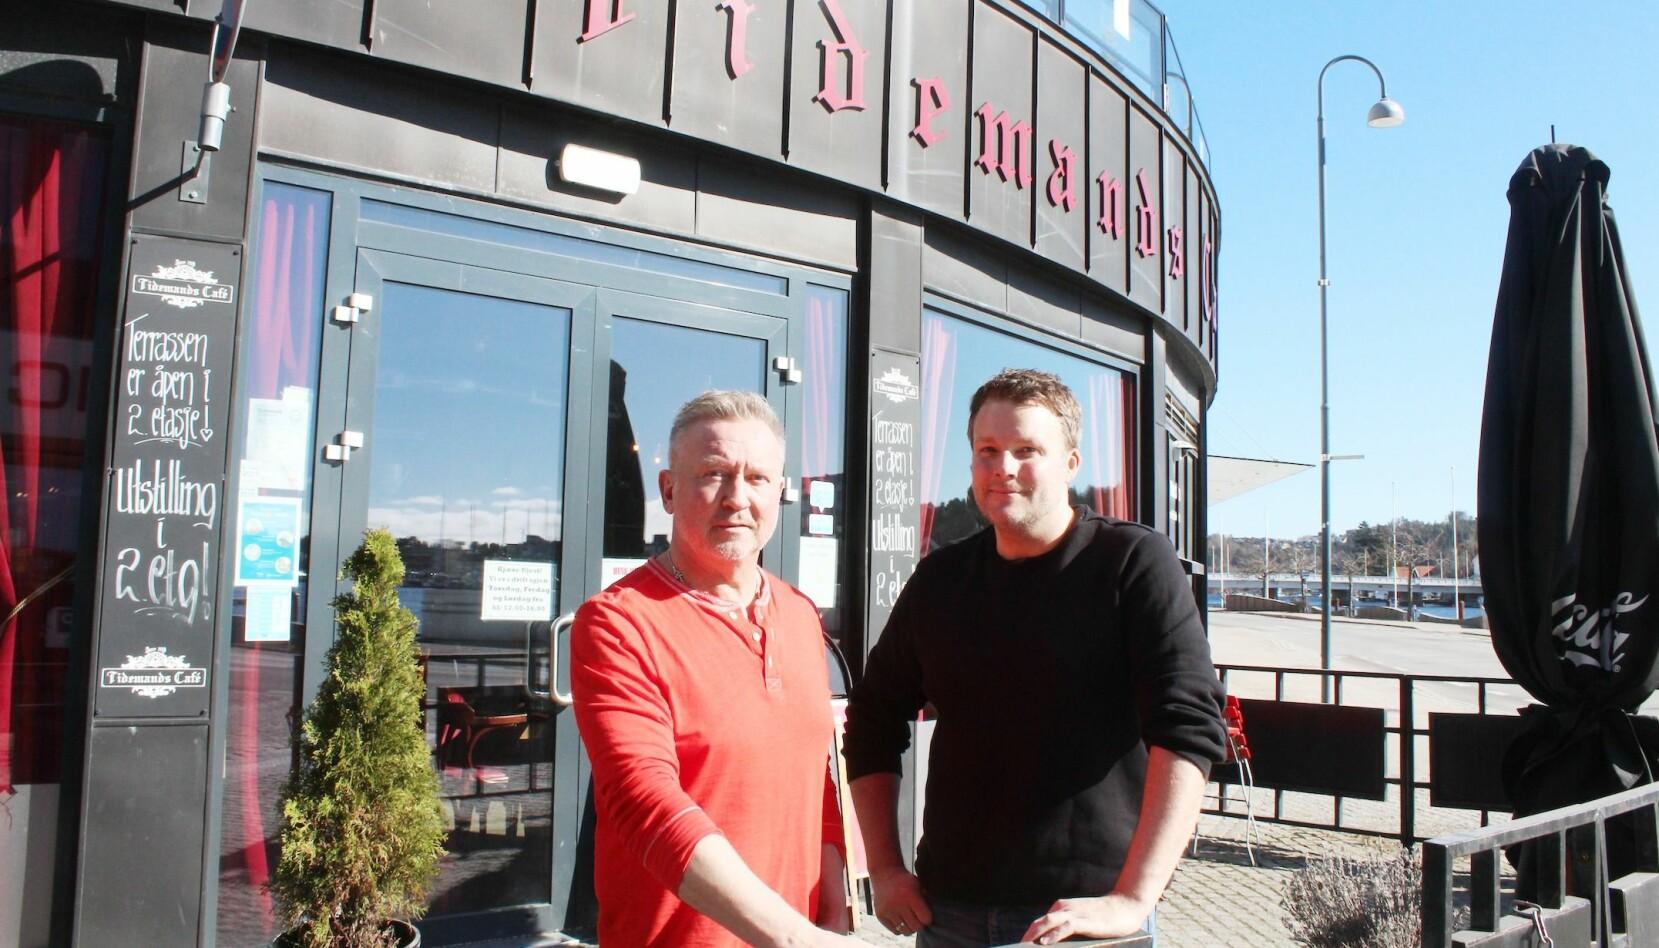 Bent Sandvand og Jimmi Neiiendam har drevet fire serveringssteder sammen på Sørlandet, og har også invitert på Skeiv Café i restauranten sin i Mandal, som ble en suksess.